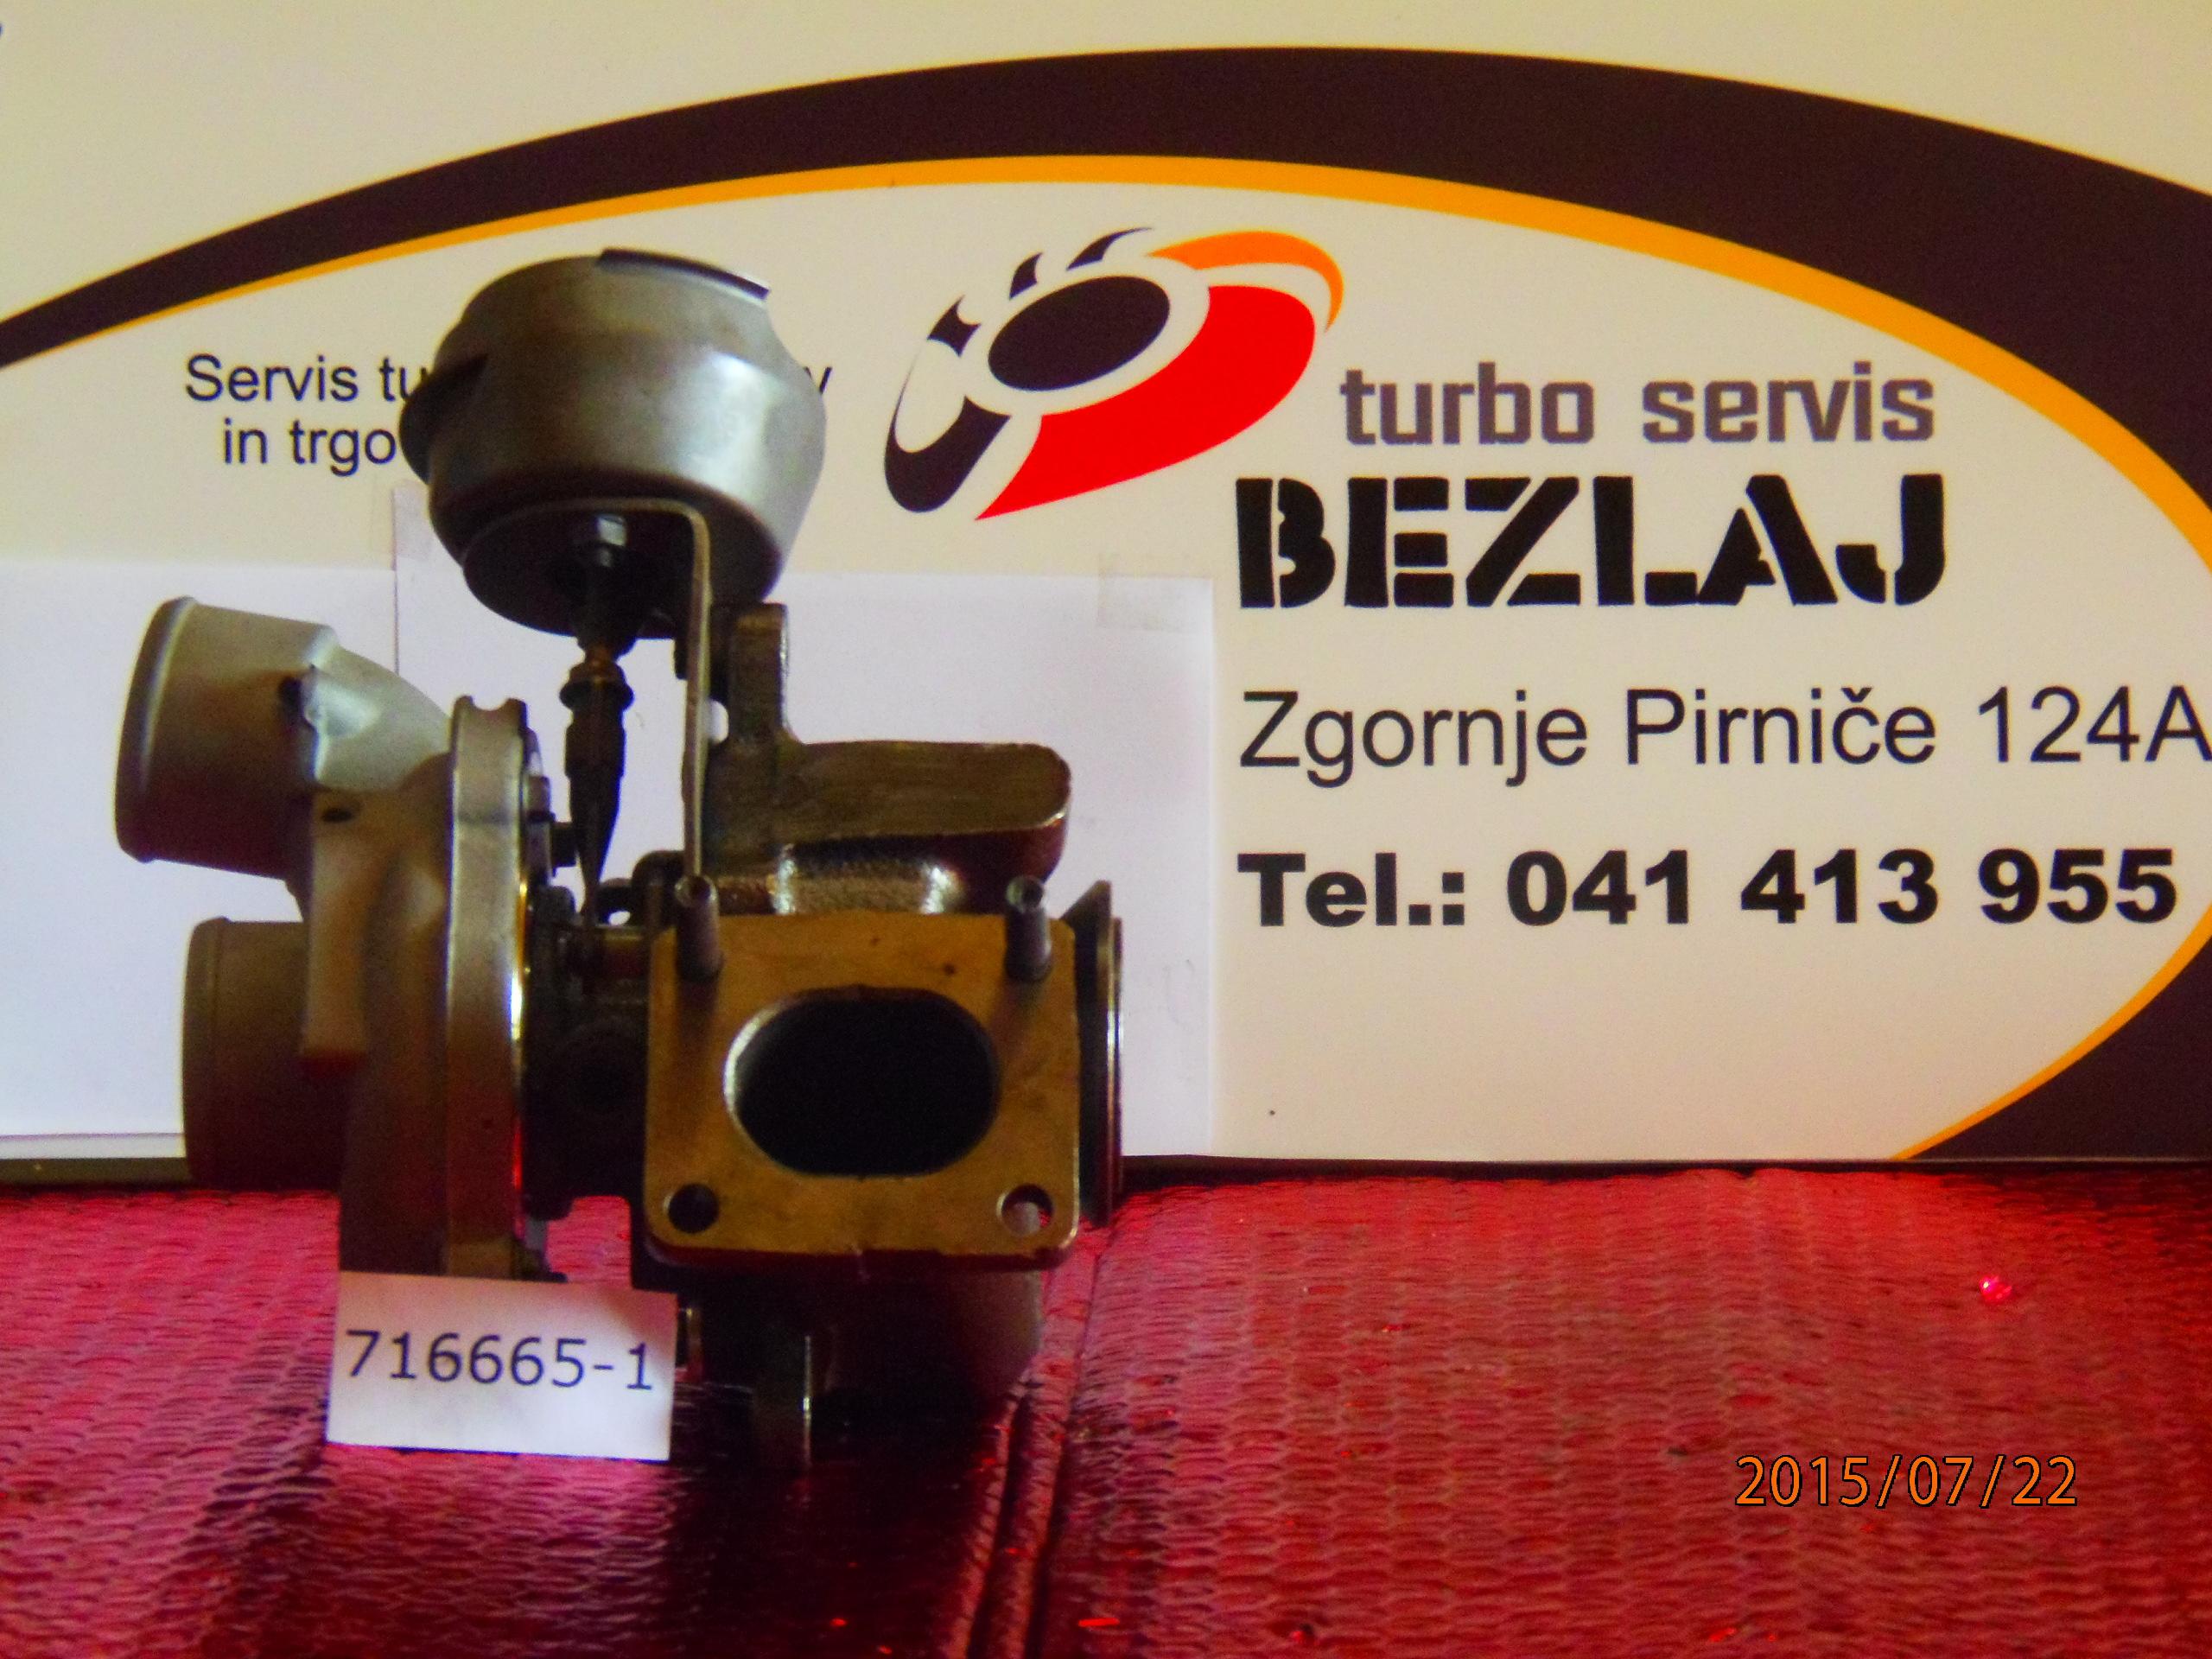 turbo716665-1 (3)